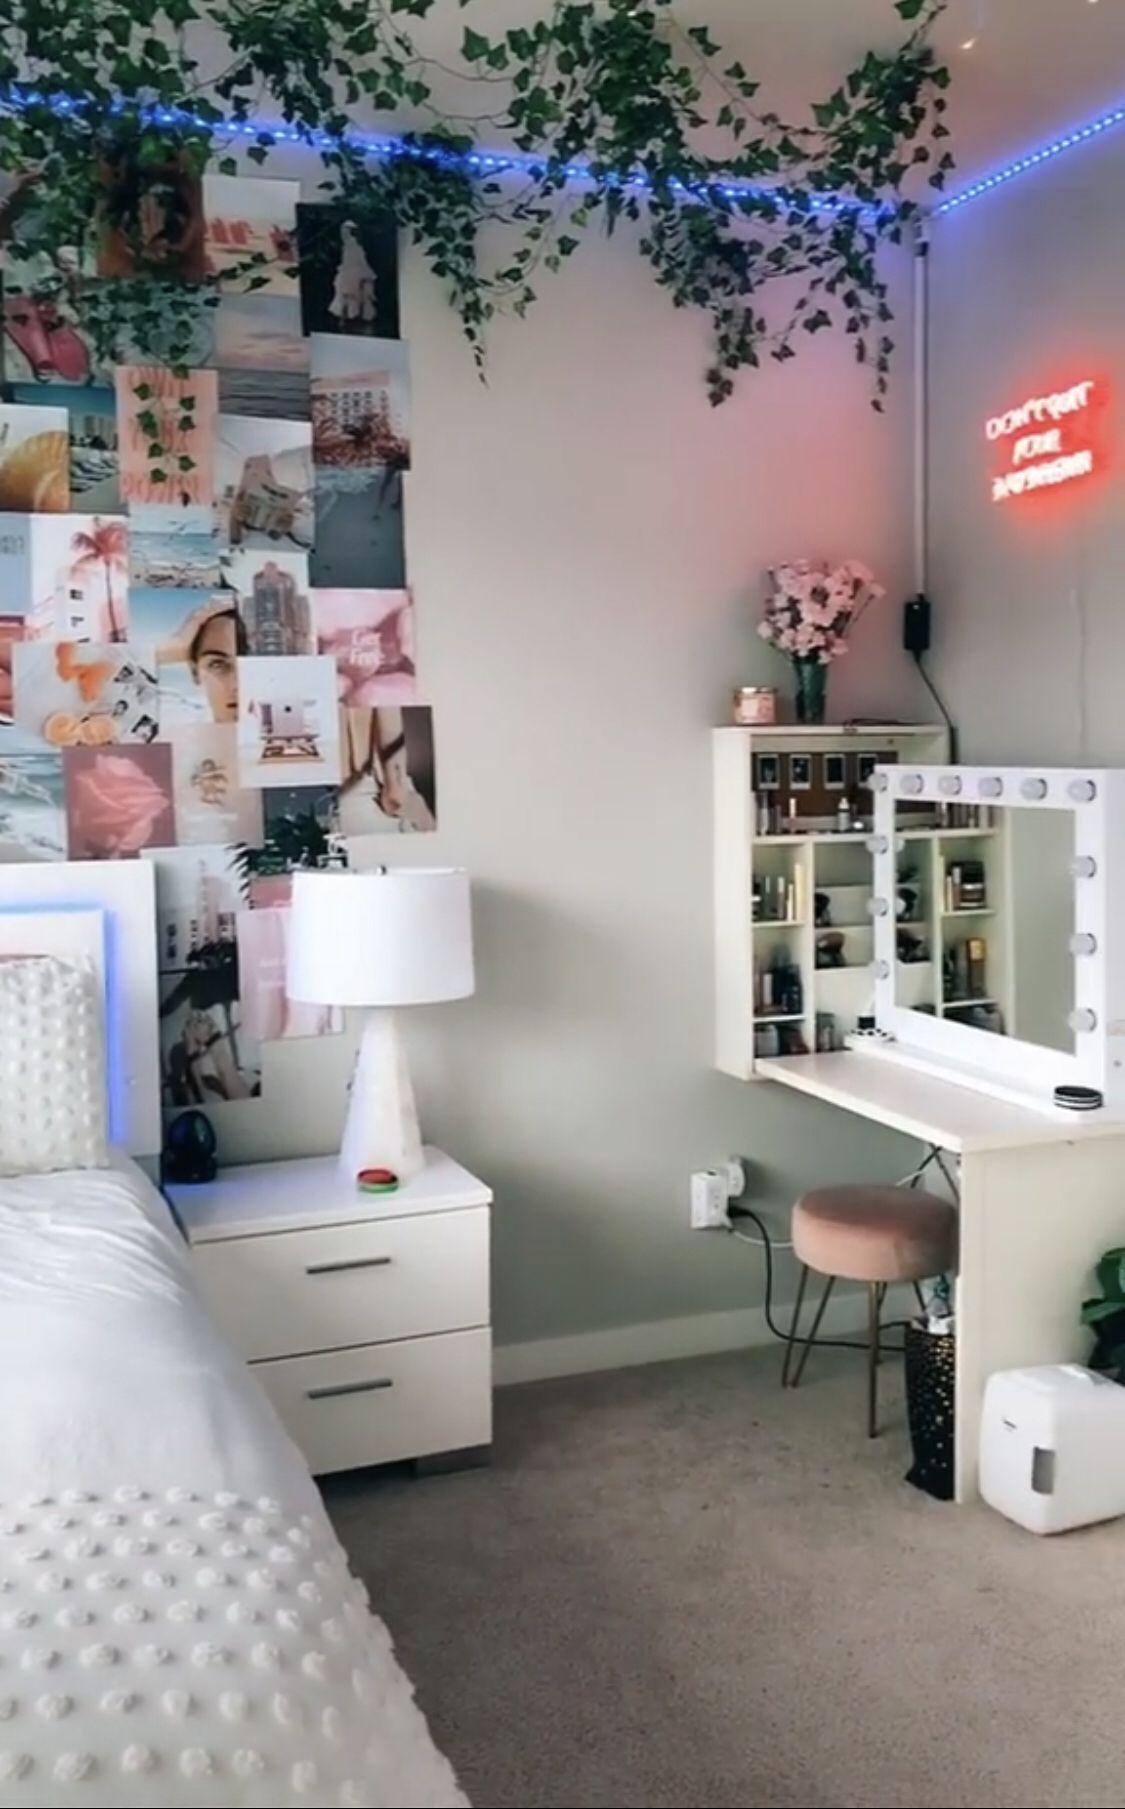 Room Room Imagenes Efectivas Que Le Proporcionamos Sobre Decorative Pillows Una Imagen De Alta Calidad P Redecorate Bedroom Room Ideas Bedroom Room Inspo